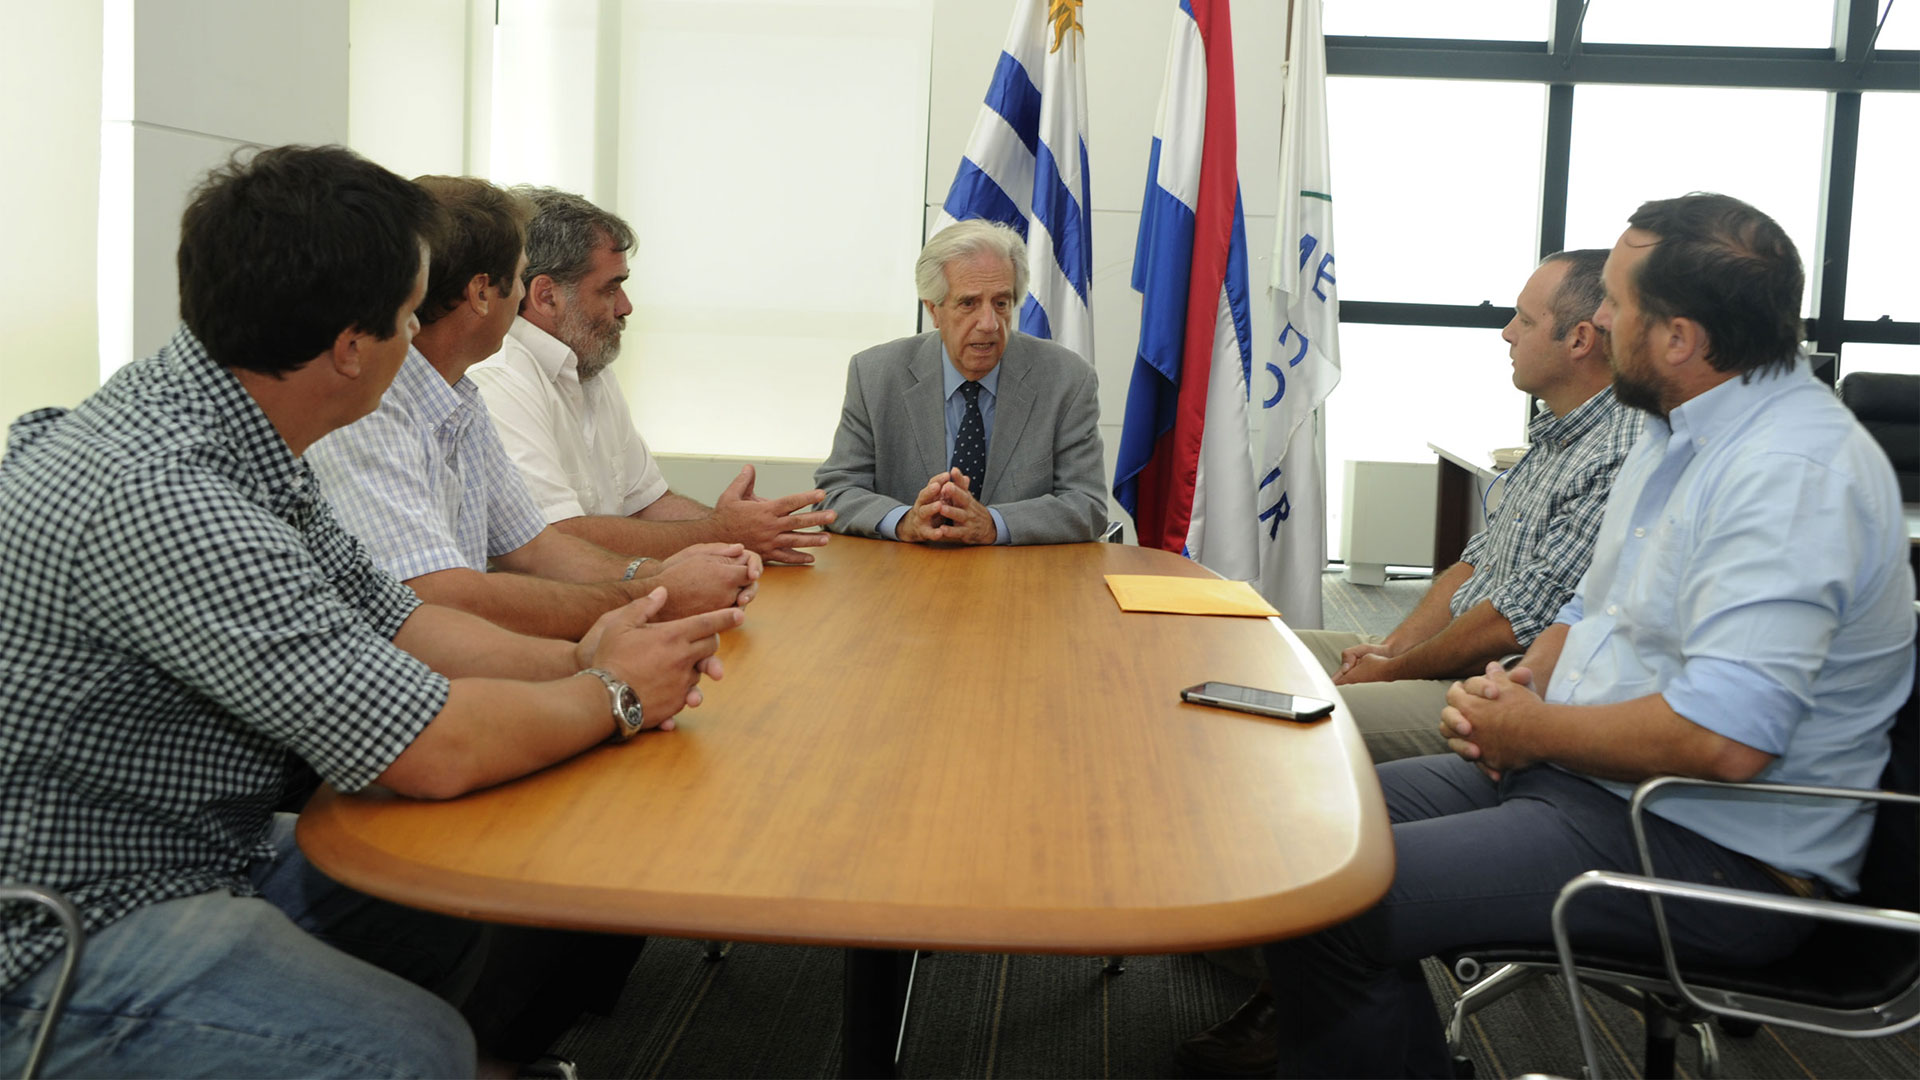 El presidente Tabaré Vázquez se reunió el viernes con productores rurales